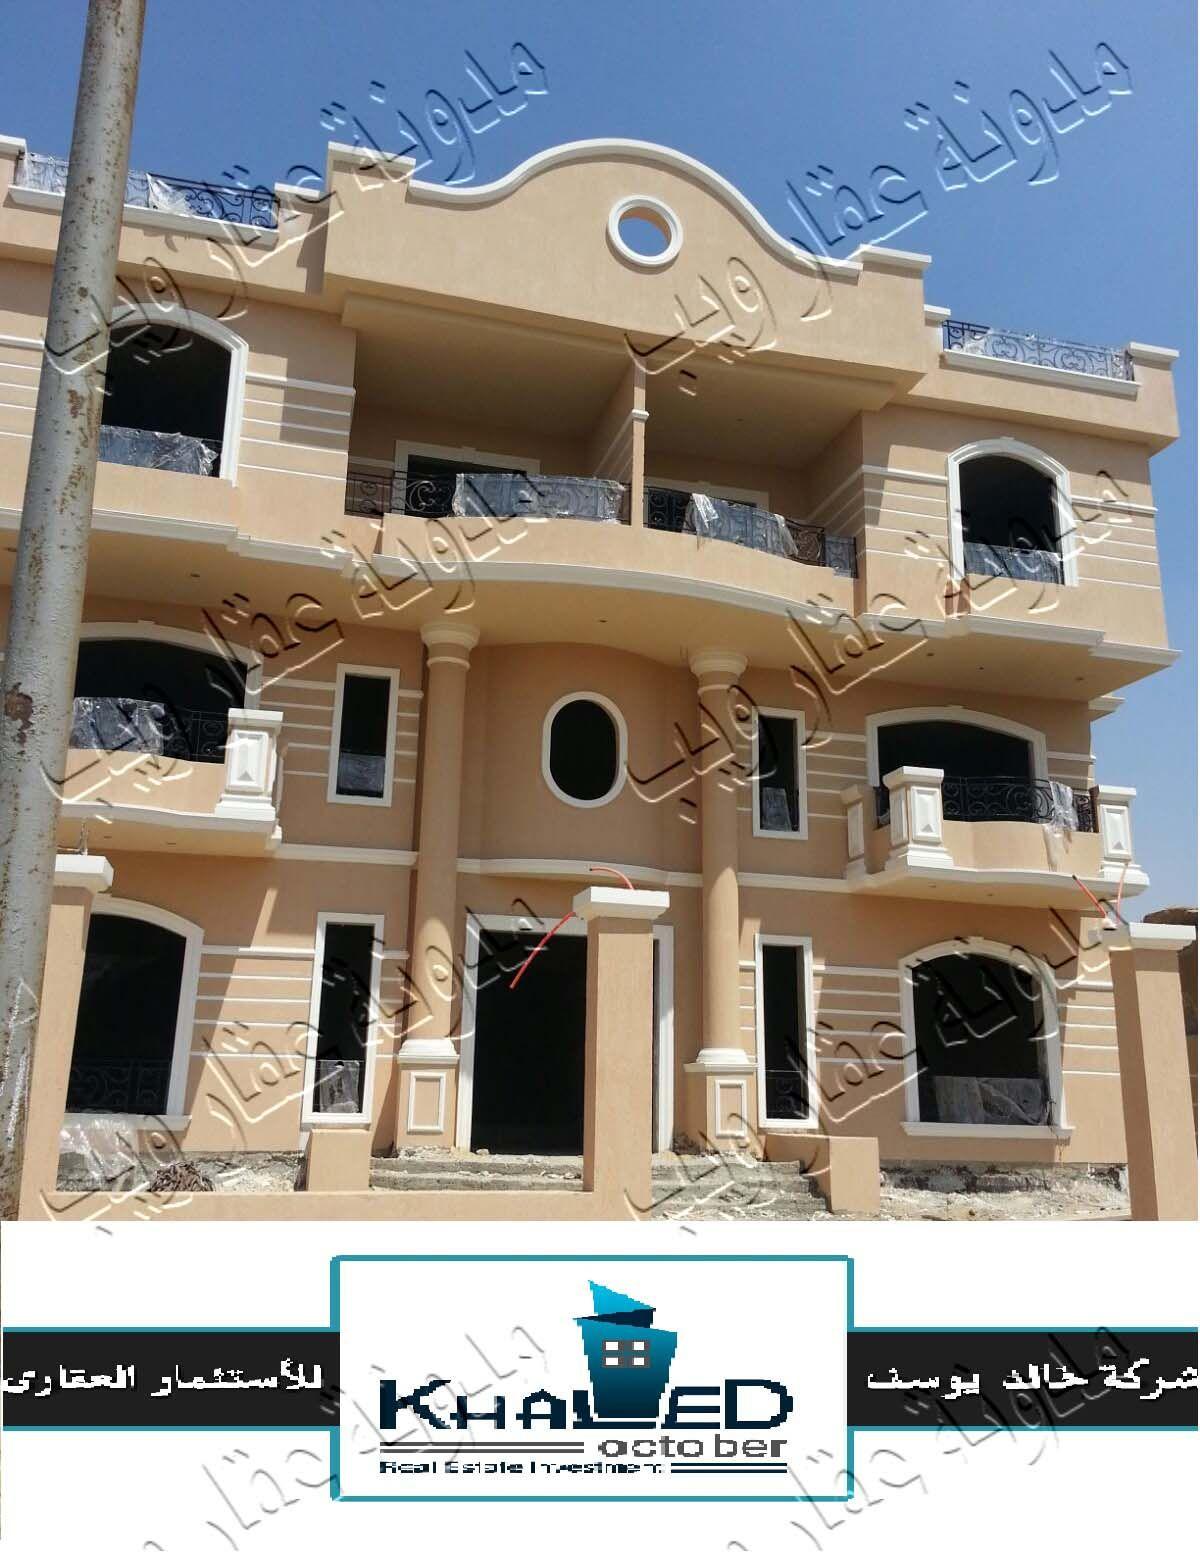 للبيع فيلا فى 6 أكتوبر قريبة من مول العرب 3 أدوار بسعر مغرى House Styles Villa Mansions